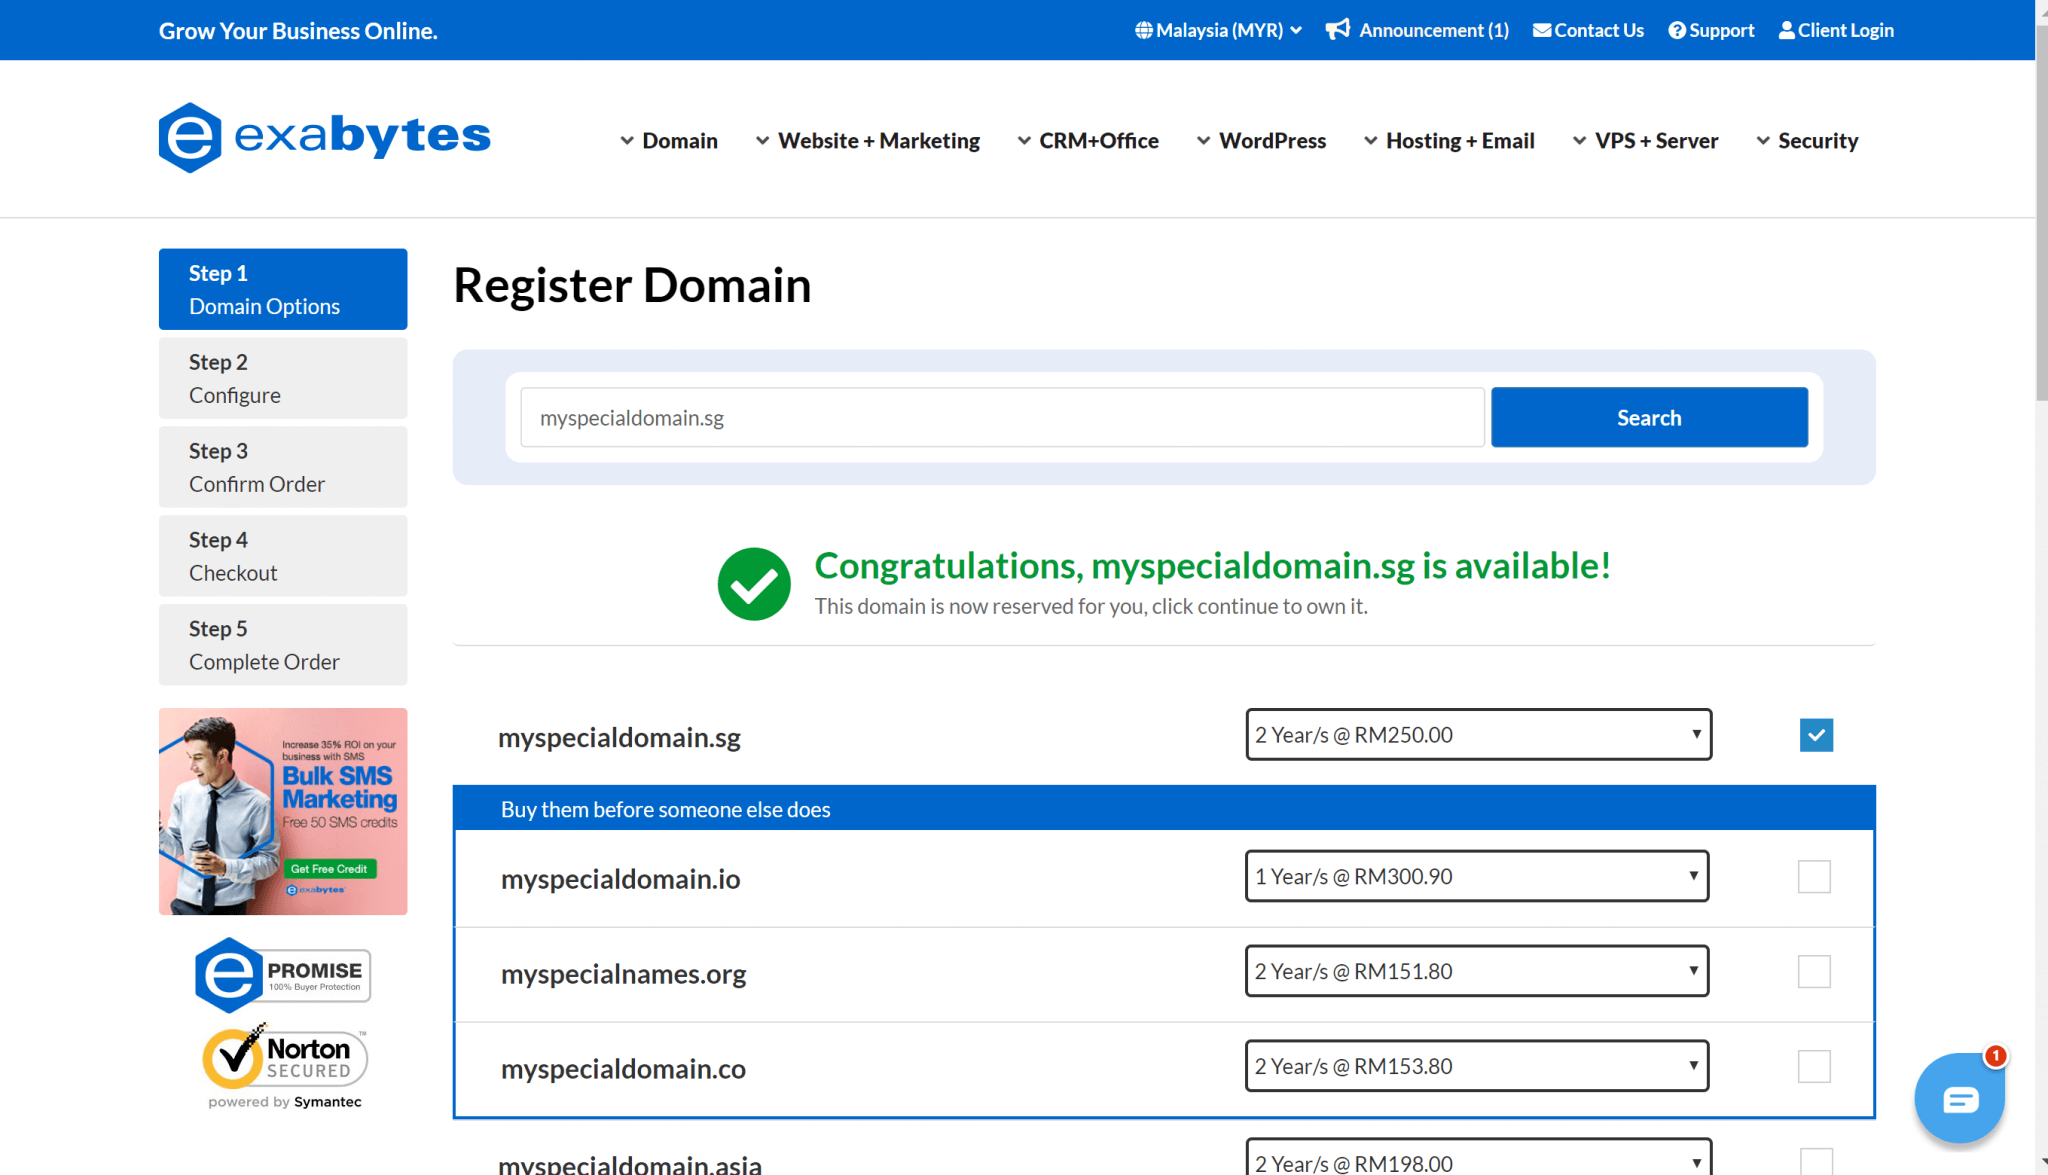 register domain step 1